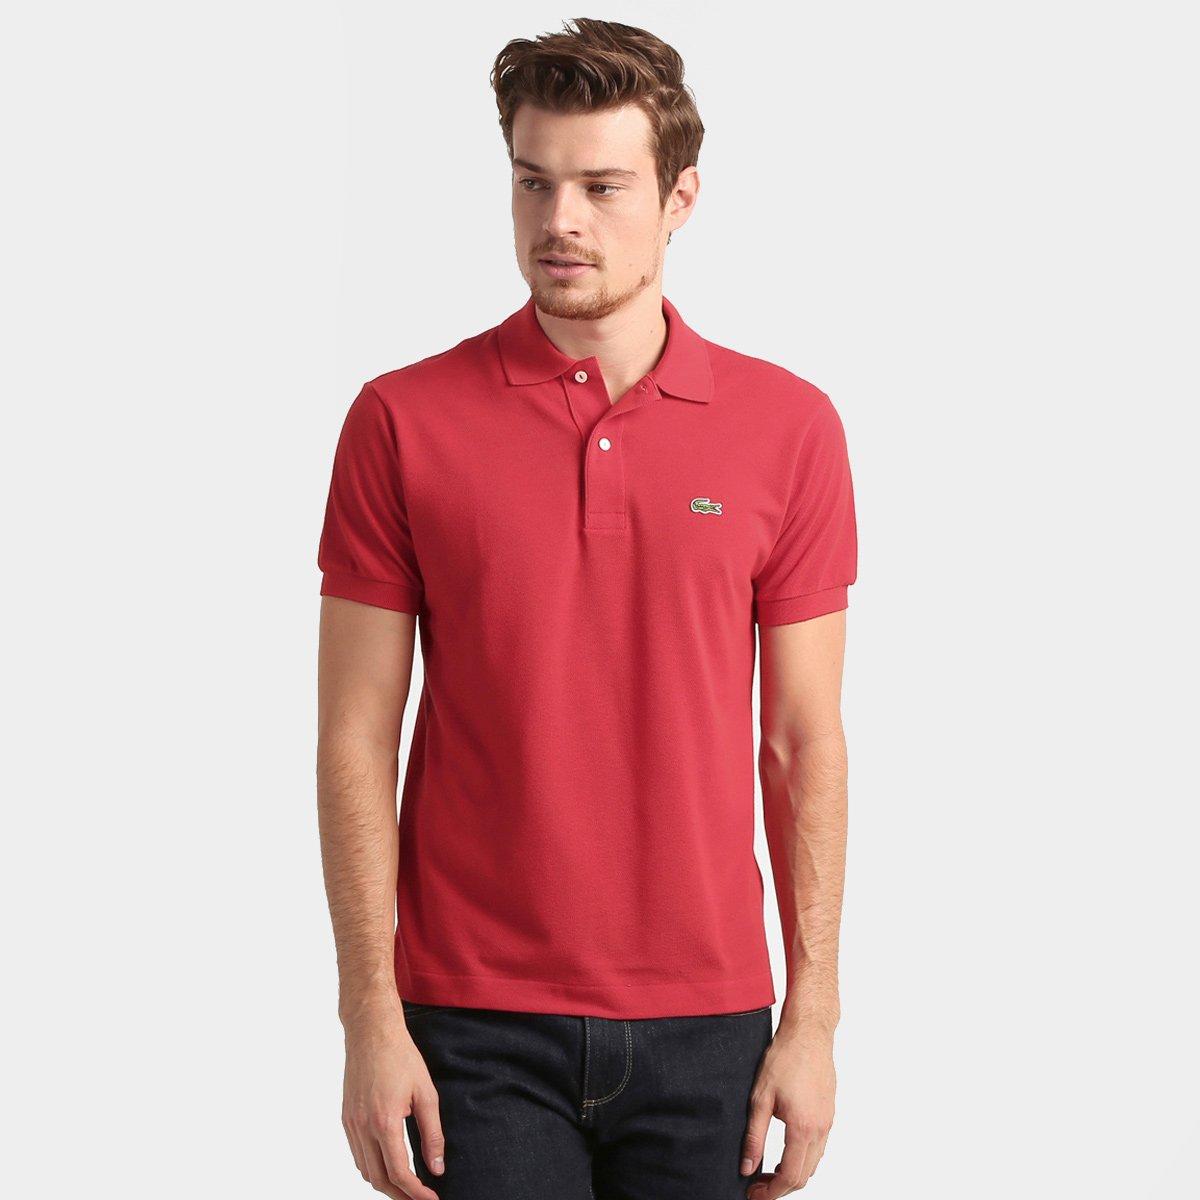 ae929e0077fab Camisa Polo Lacoste Original Fit Masculina